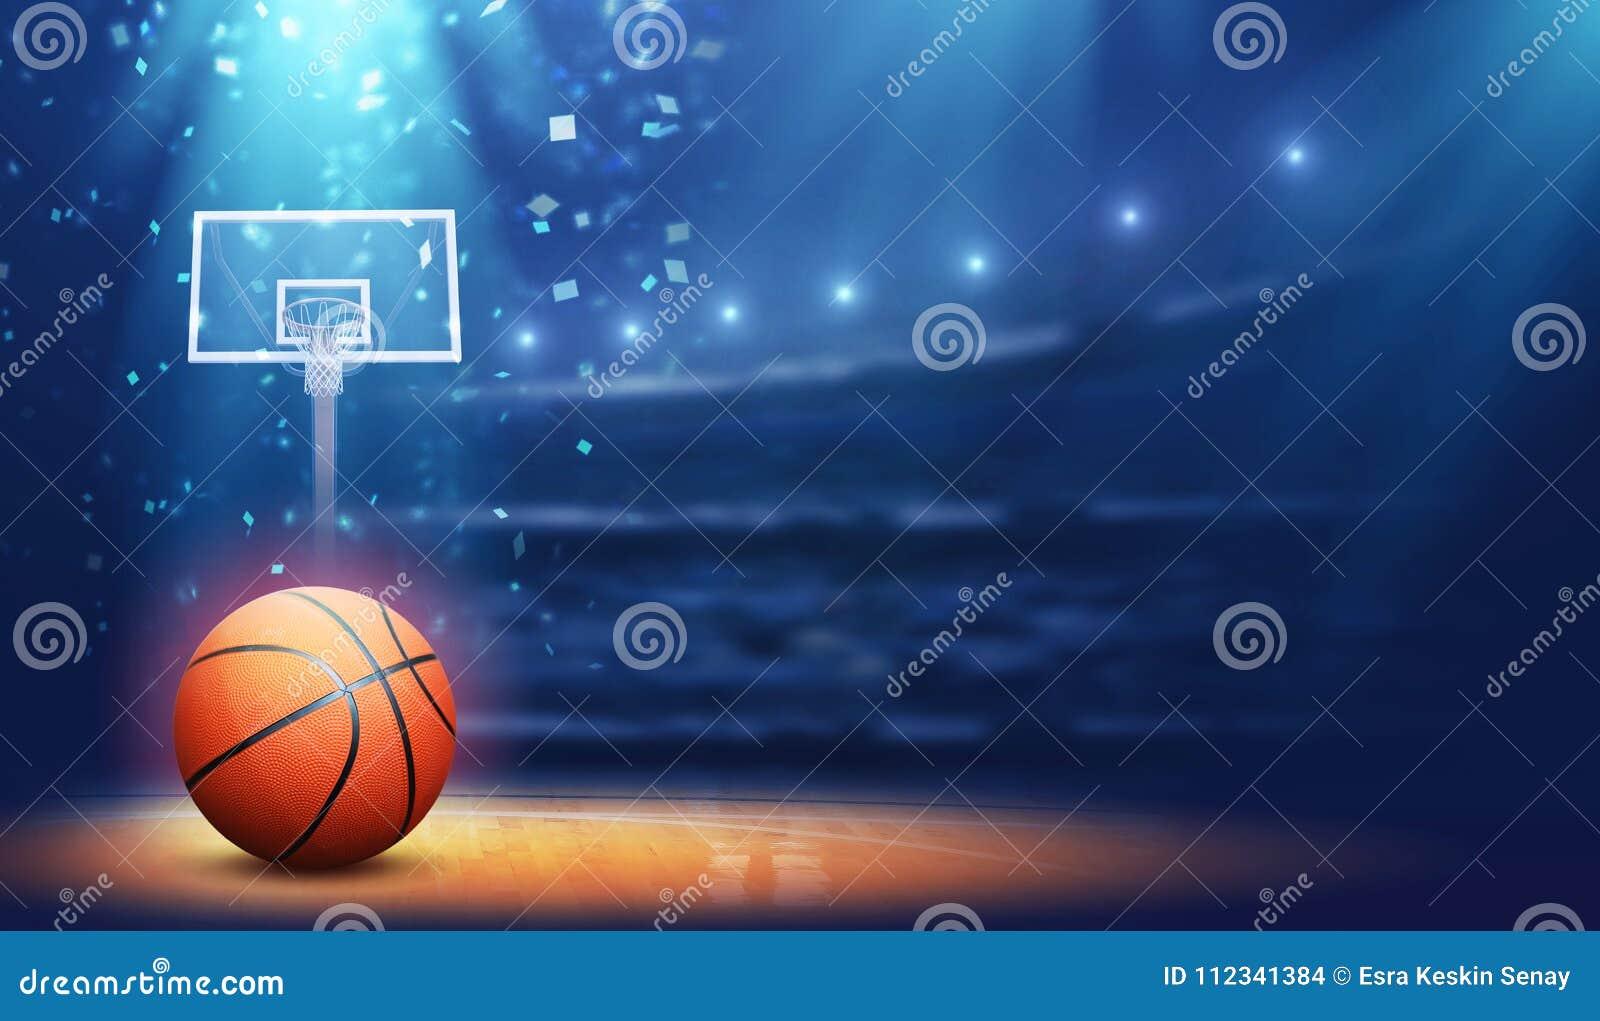 Basketball arena and ball